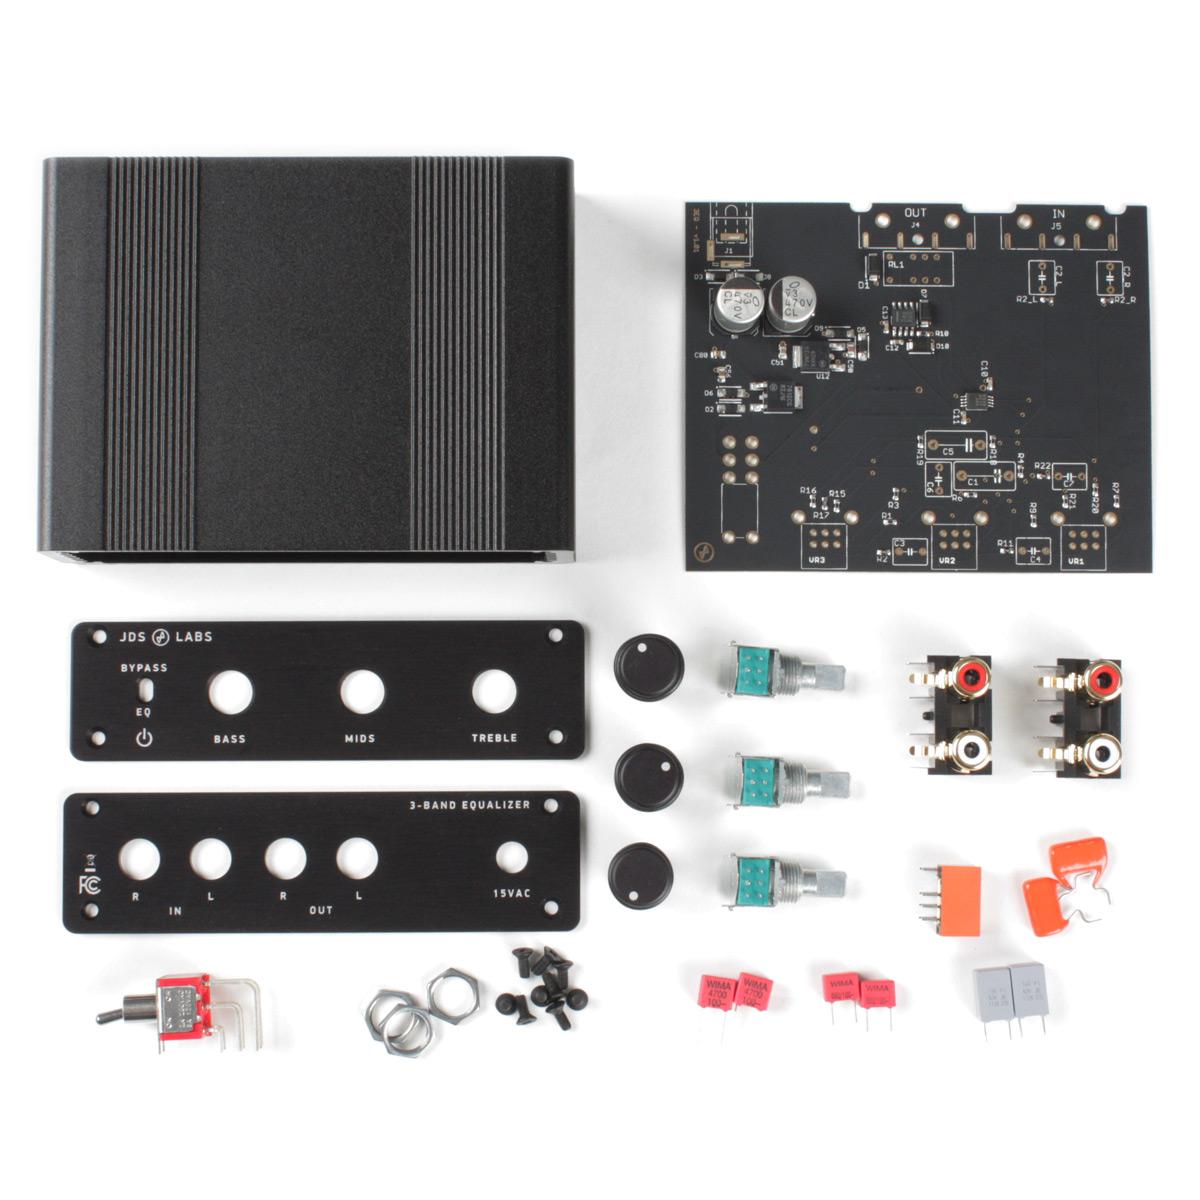 Index of /media/product/3-band-equalizer-diy-kit/images/